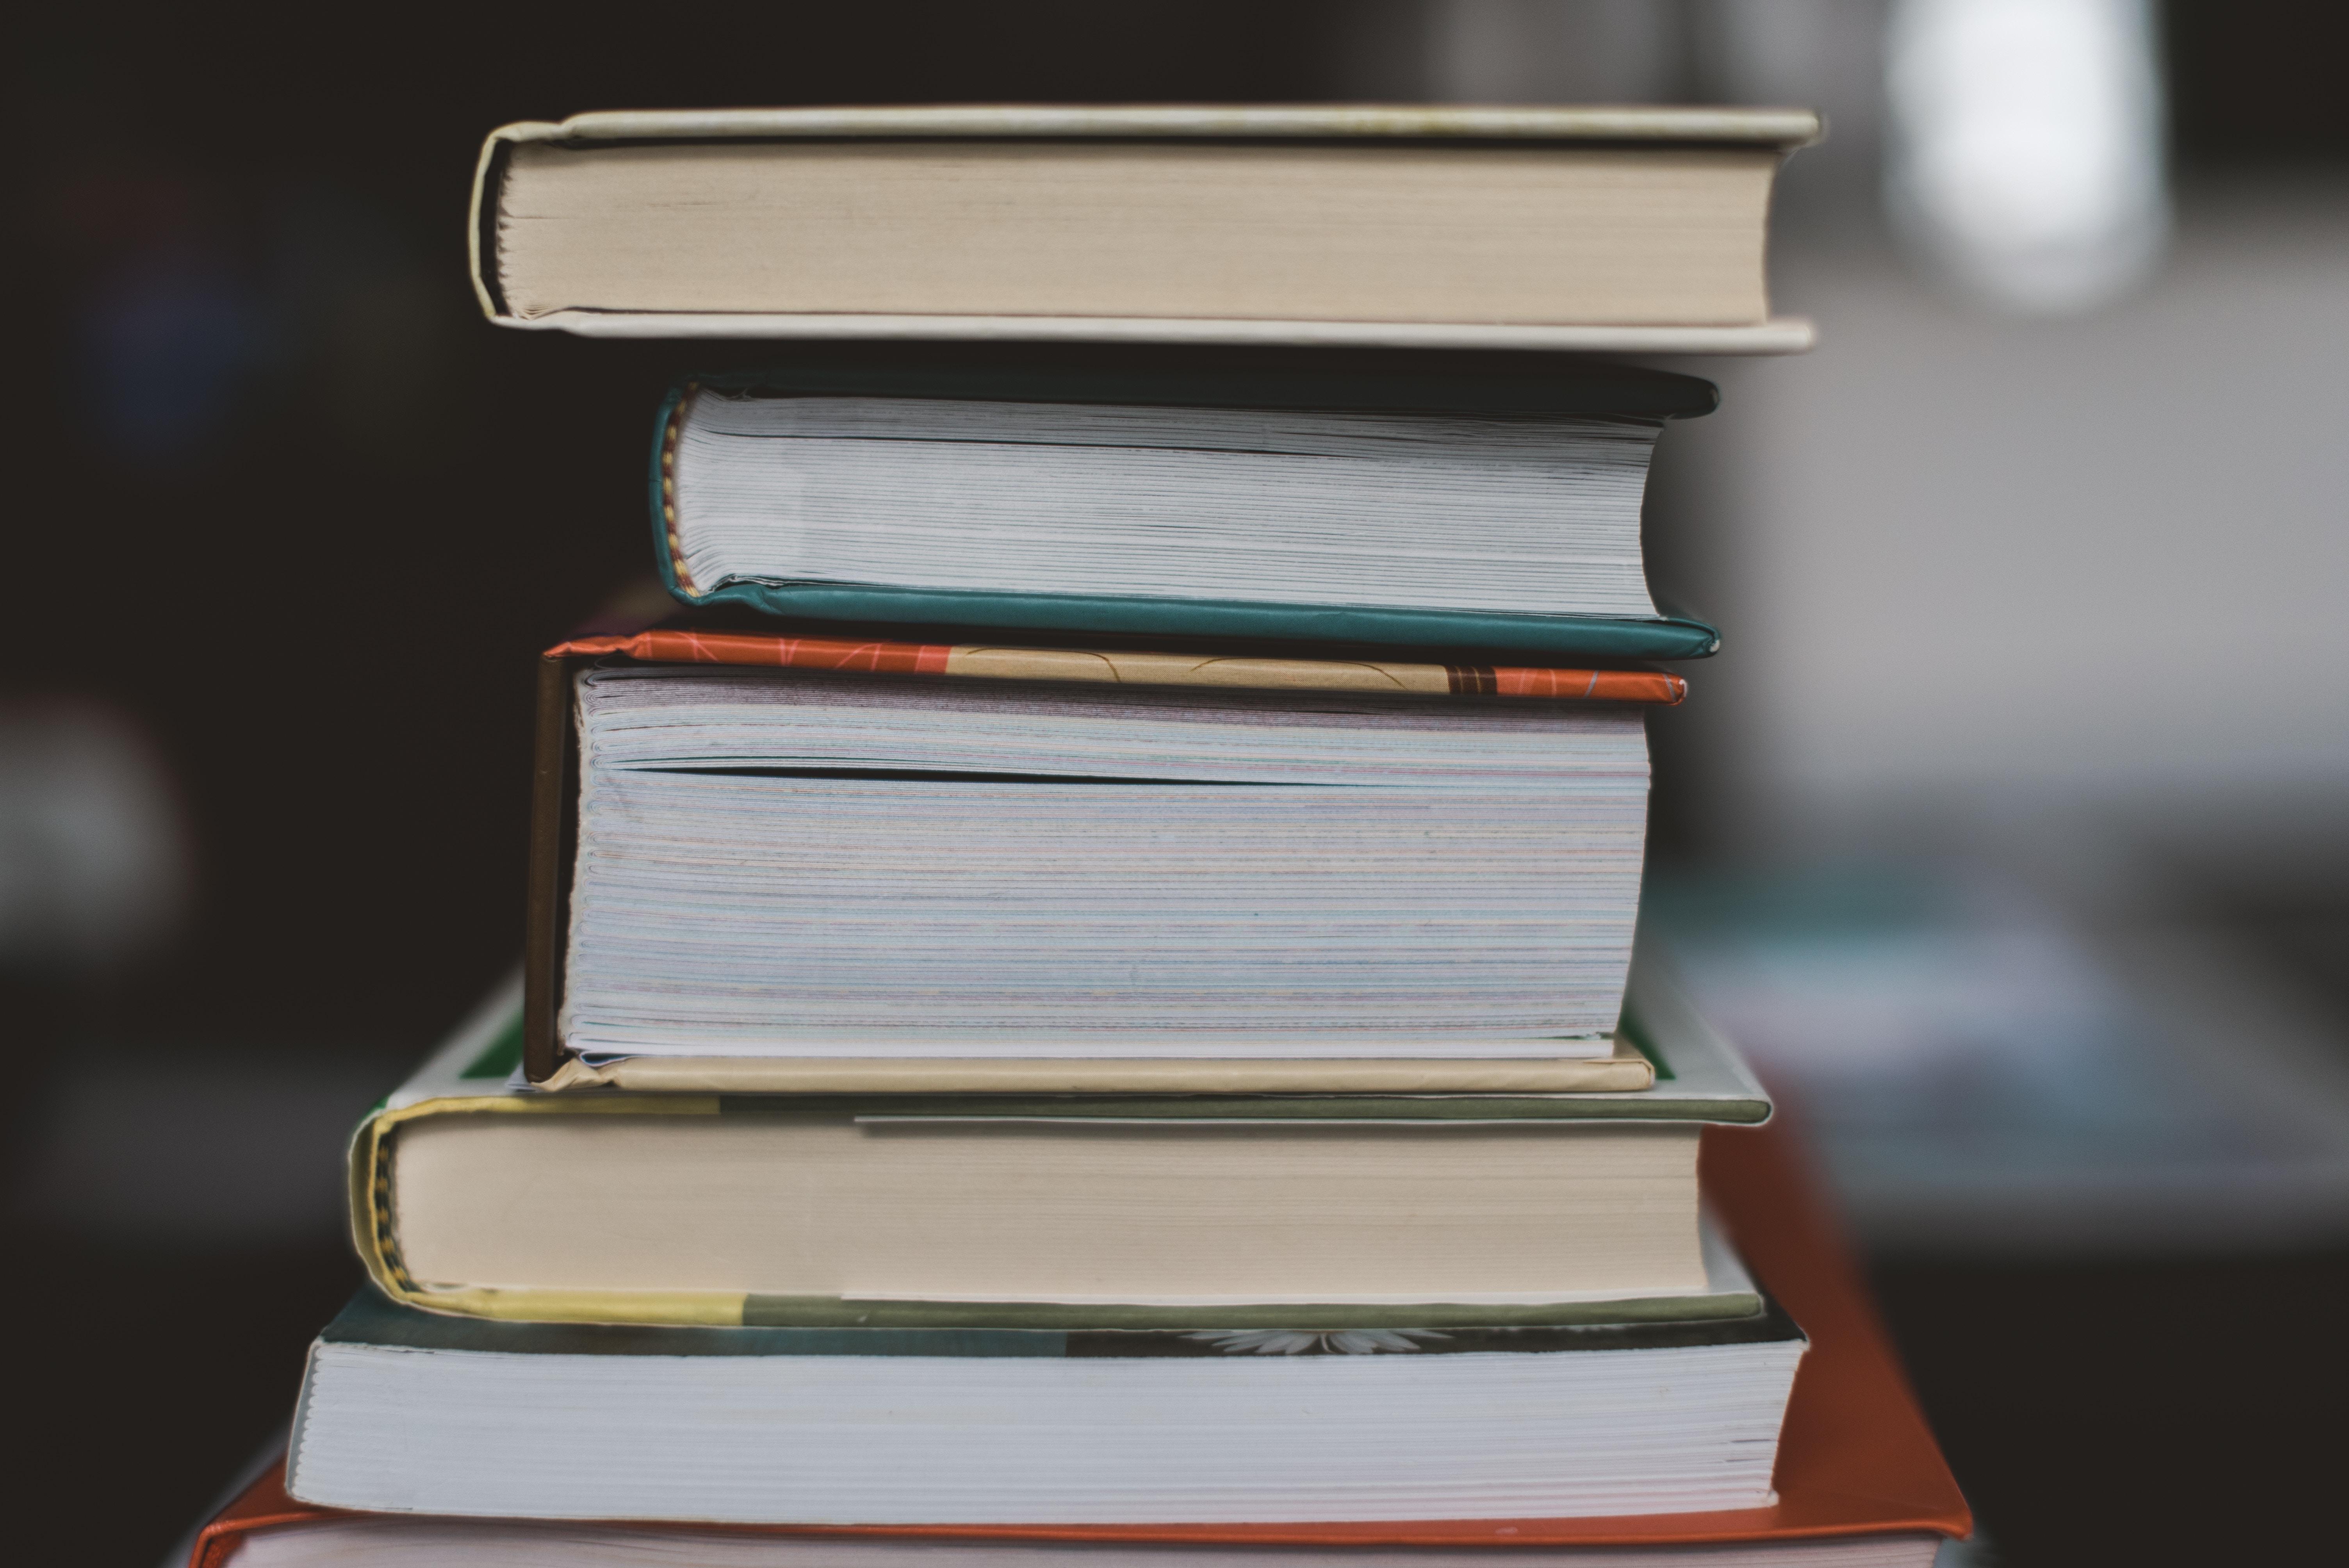 books claudia-587578-unsplash